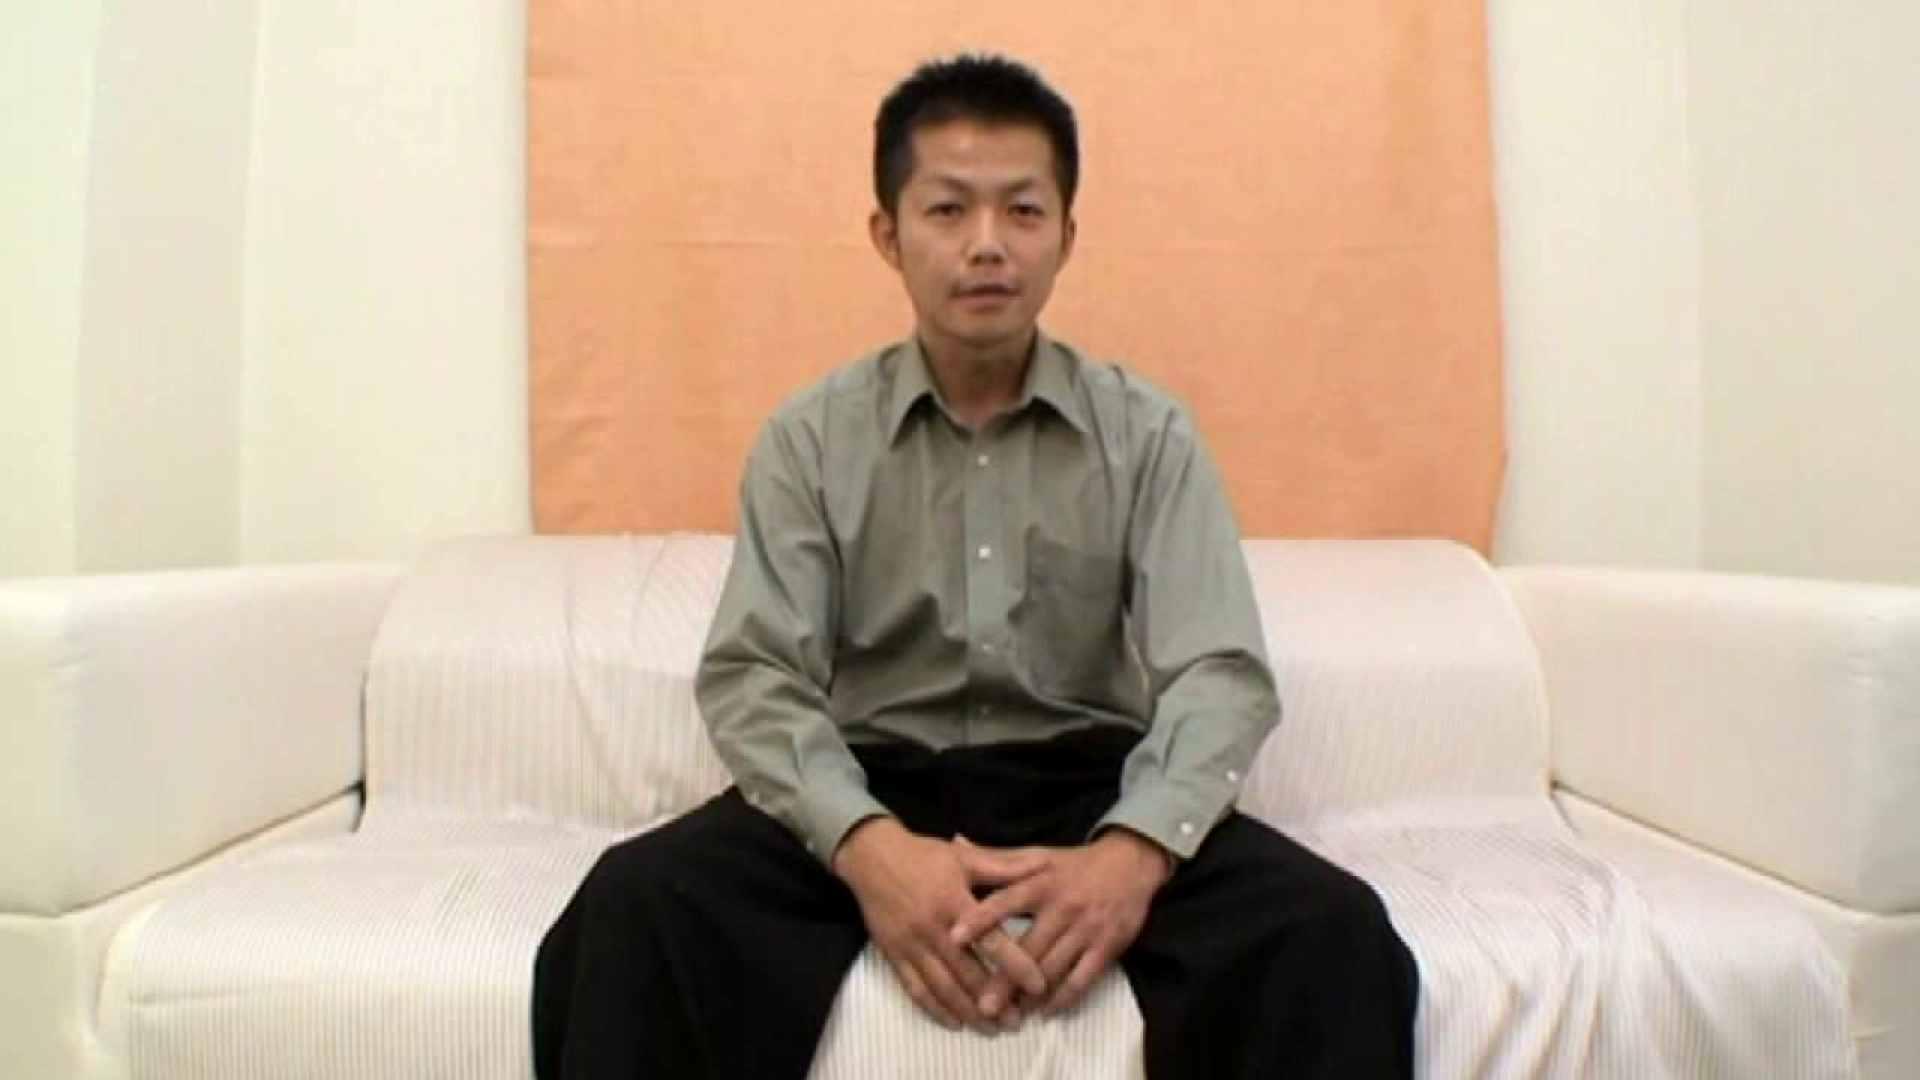 イケメン男子!盛りだくさん! フェラ天国 ゲイ丸見え画像 60pic 3